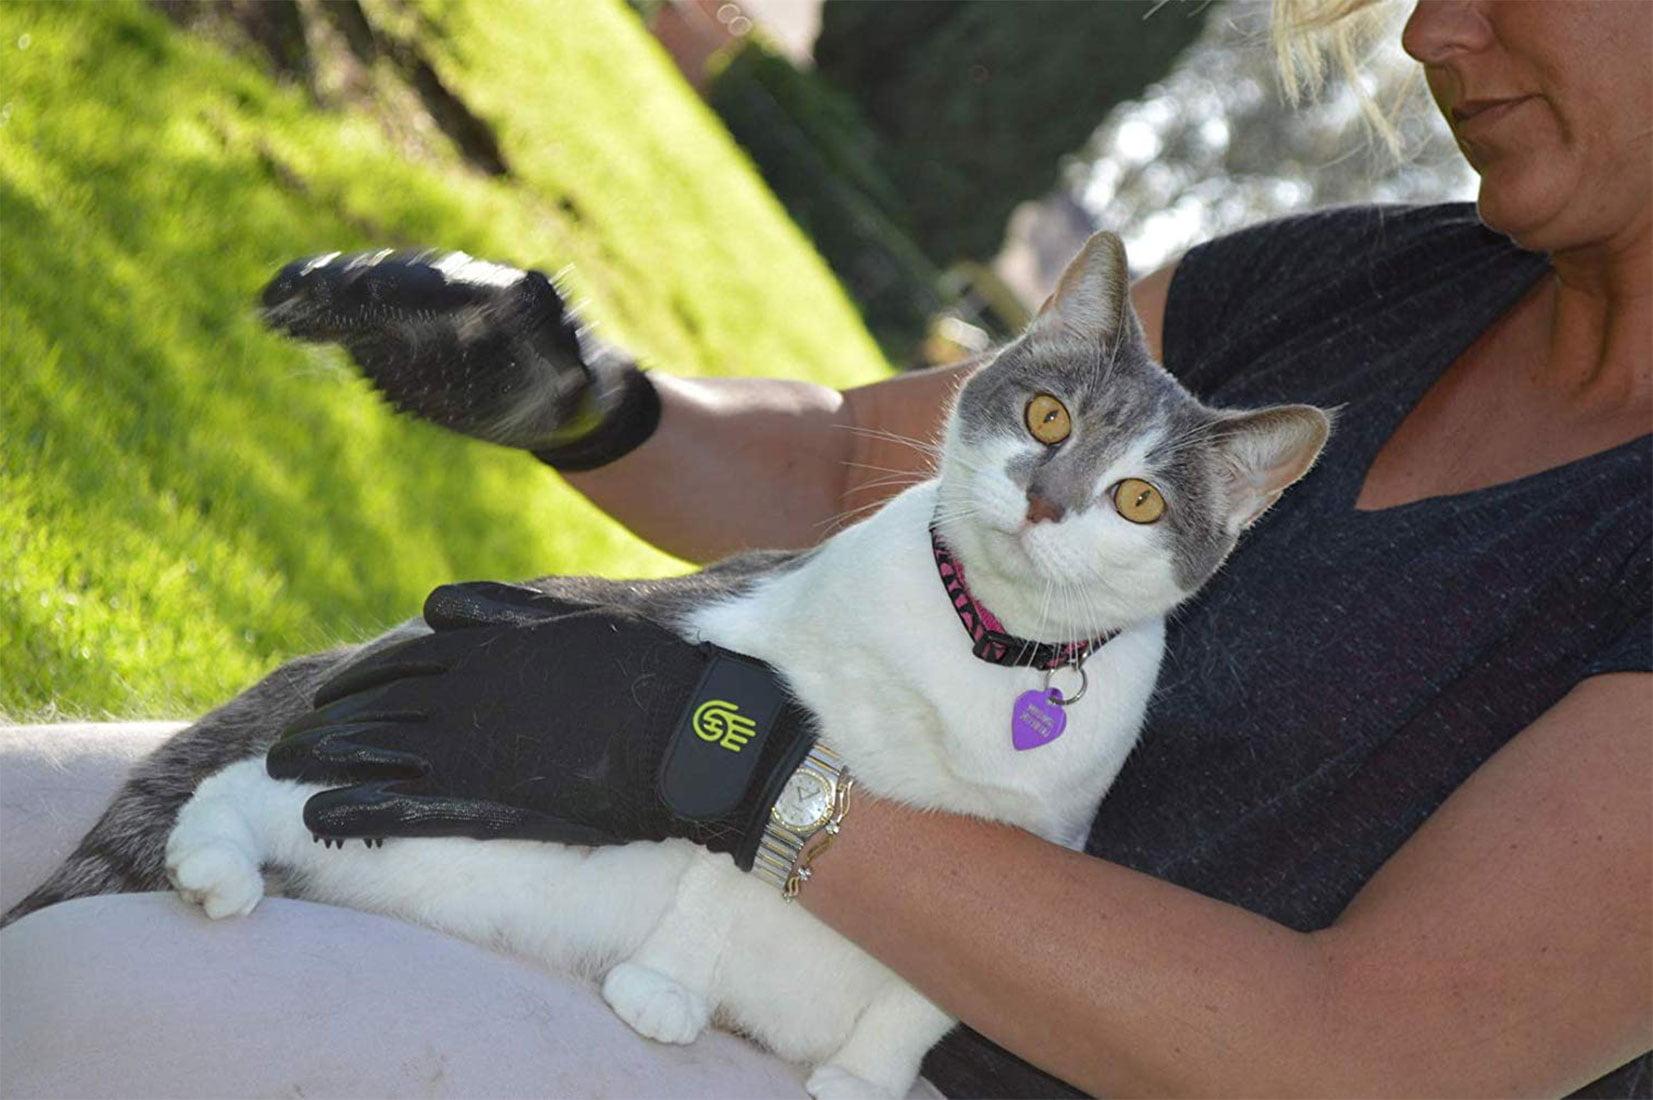 Los mejores guantes para cepillar gatos